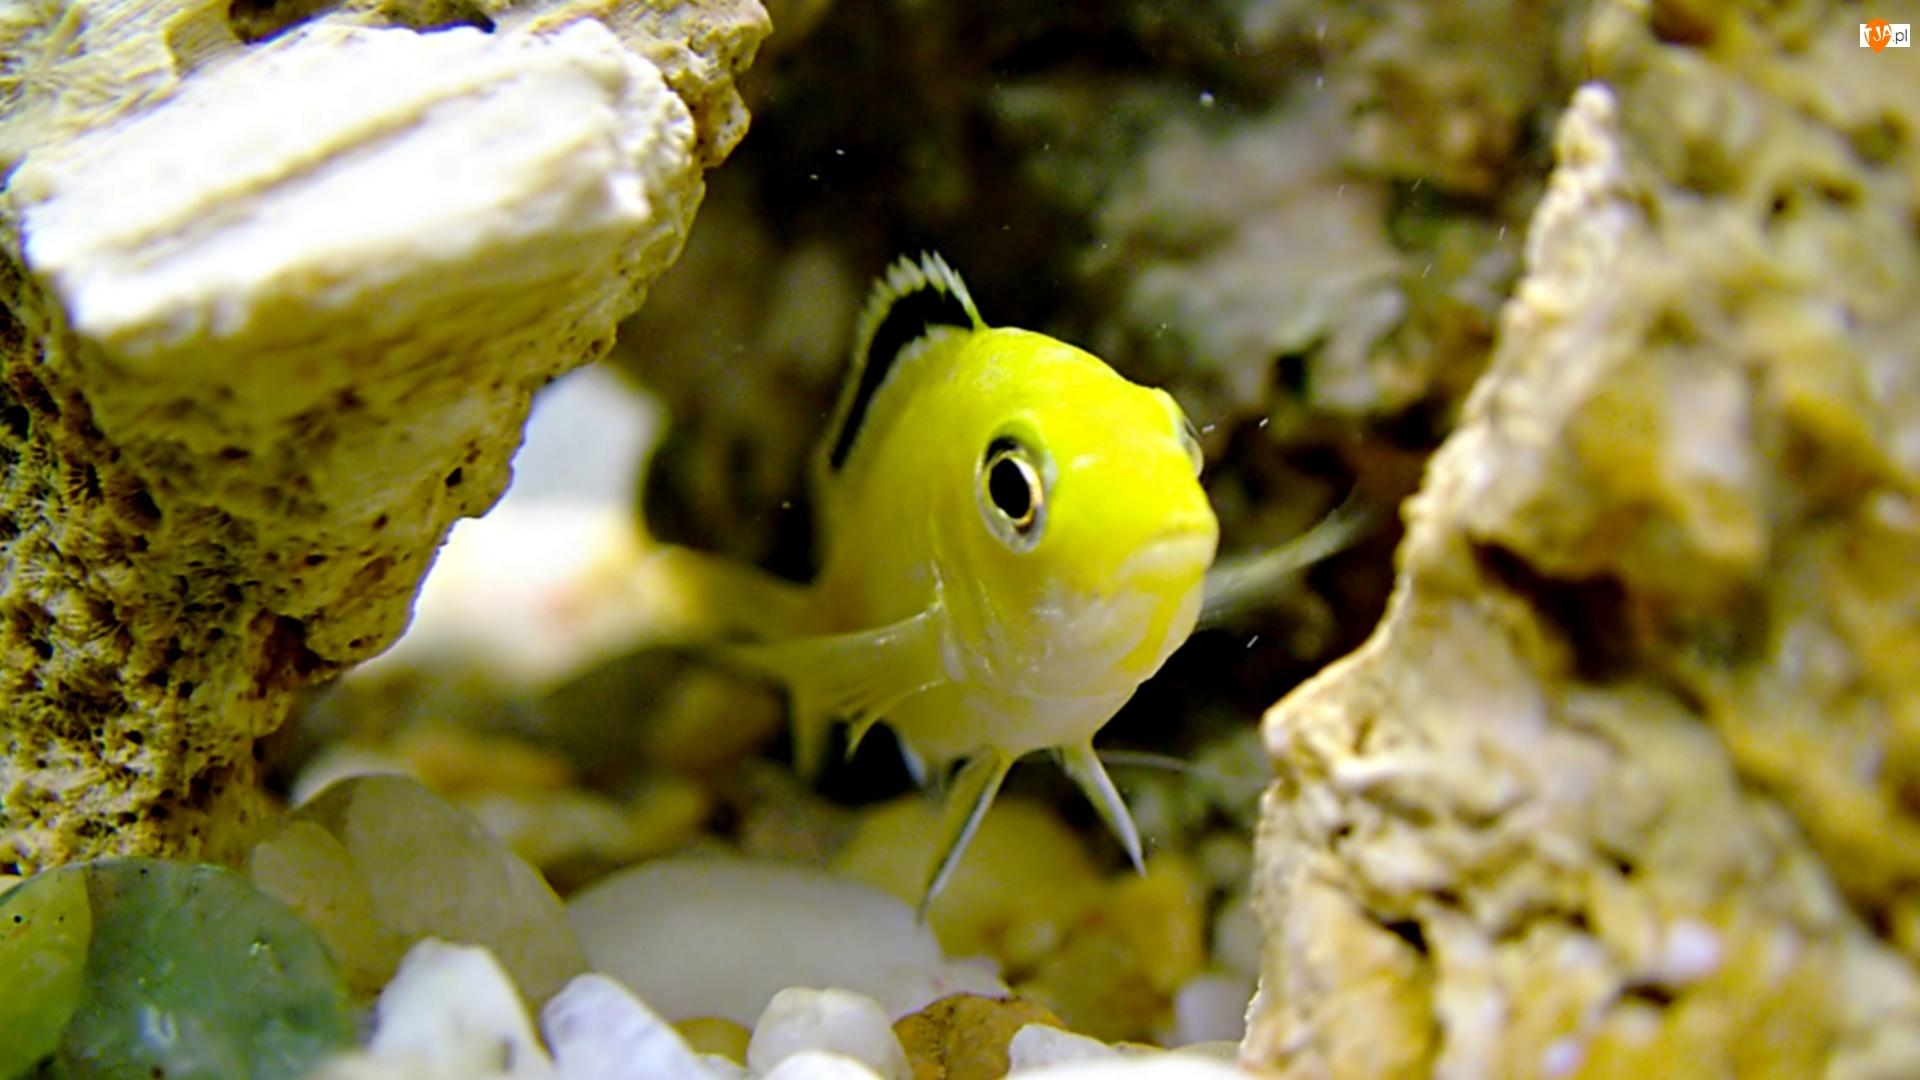 Rybka, Akwarium, Żółta